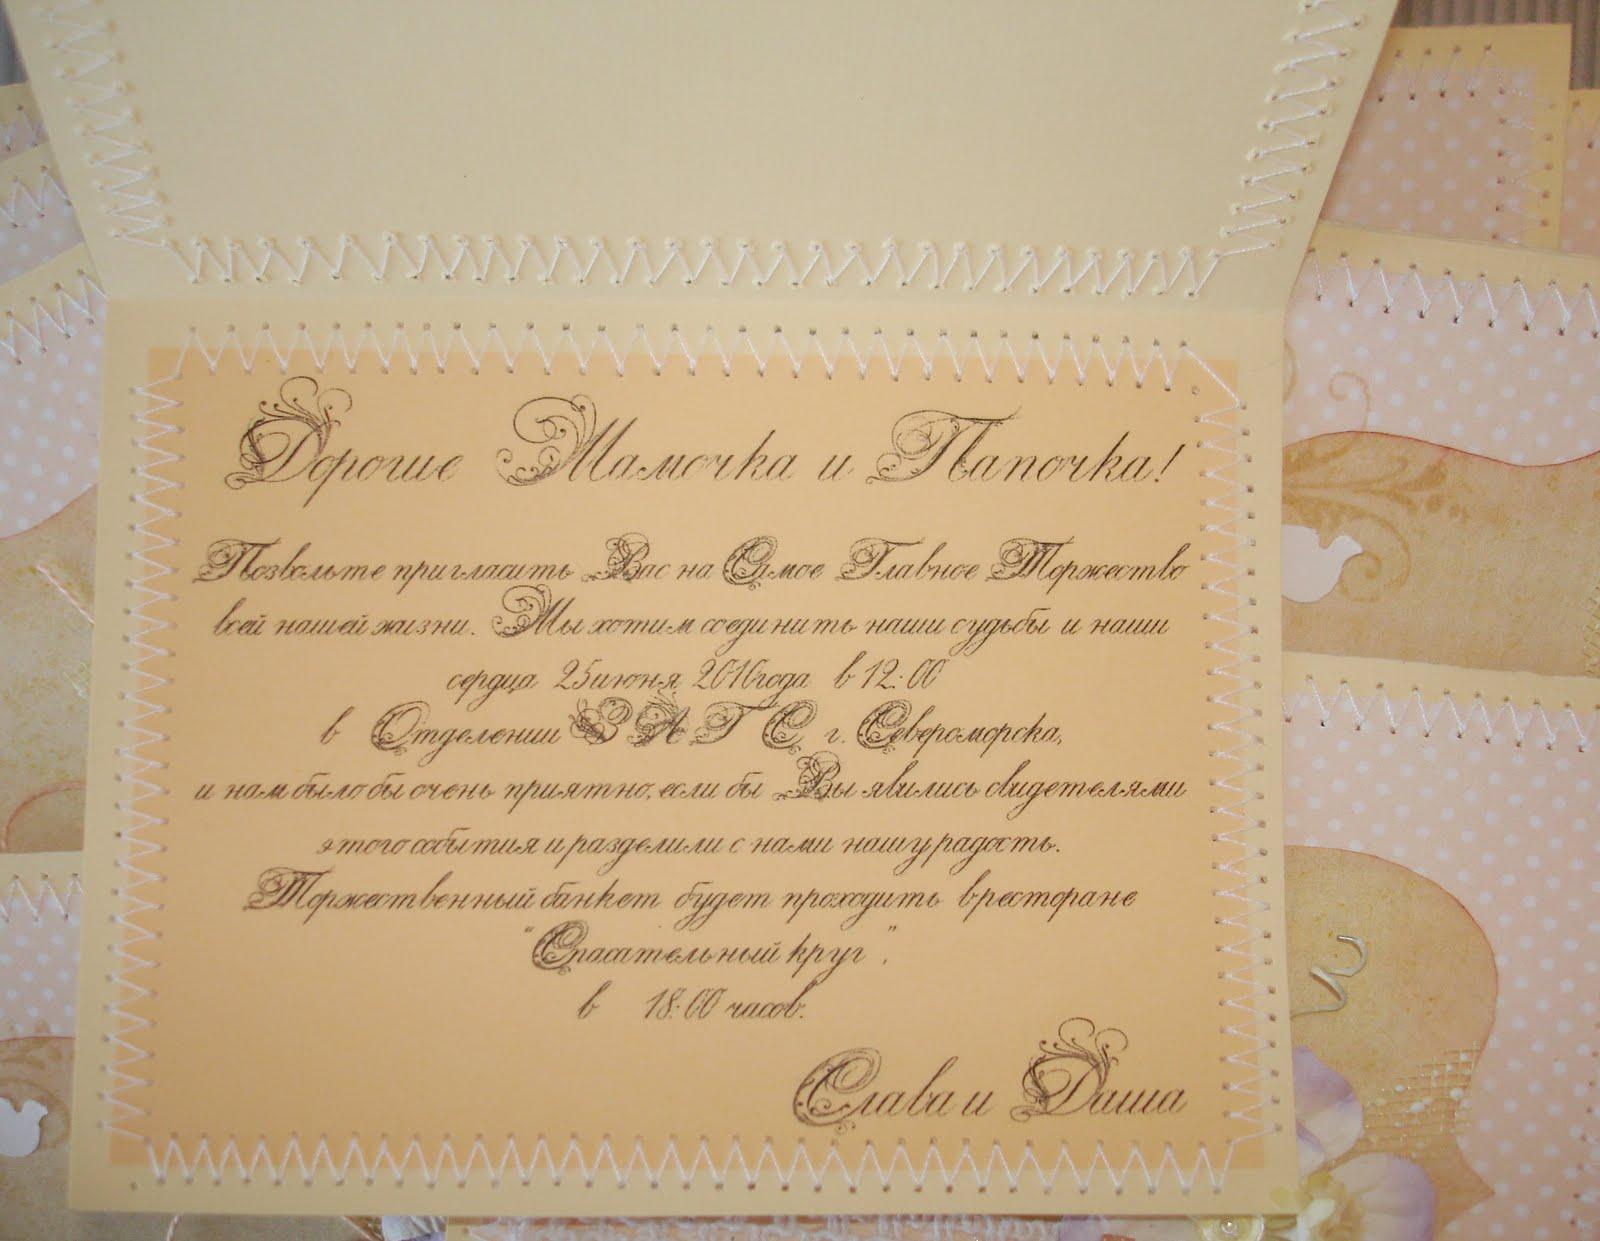 Поздравления на свадьбу от родителей 83